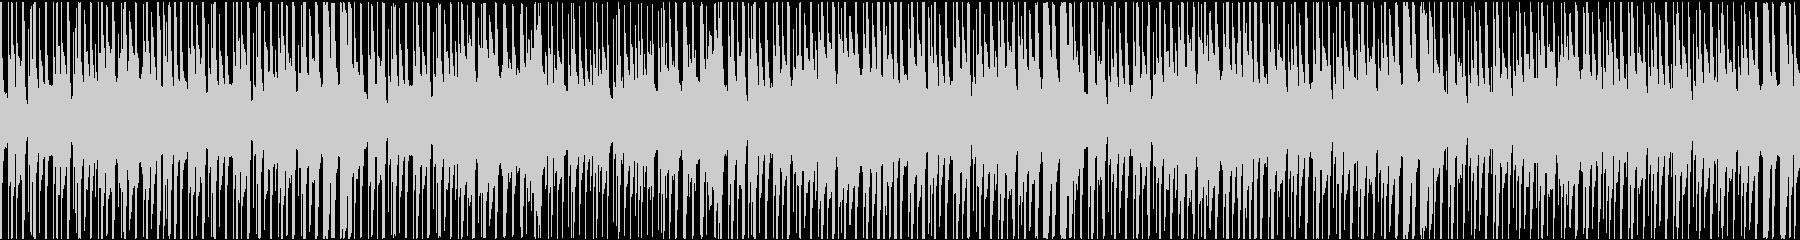 尺八と琴エレクトロの未再生の波形